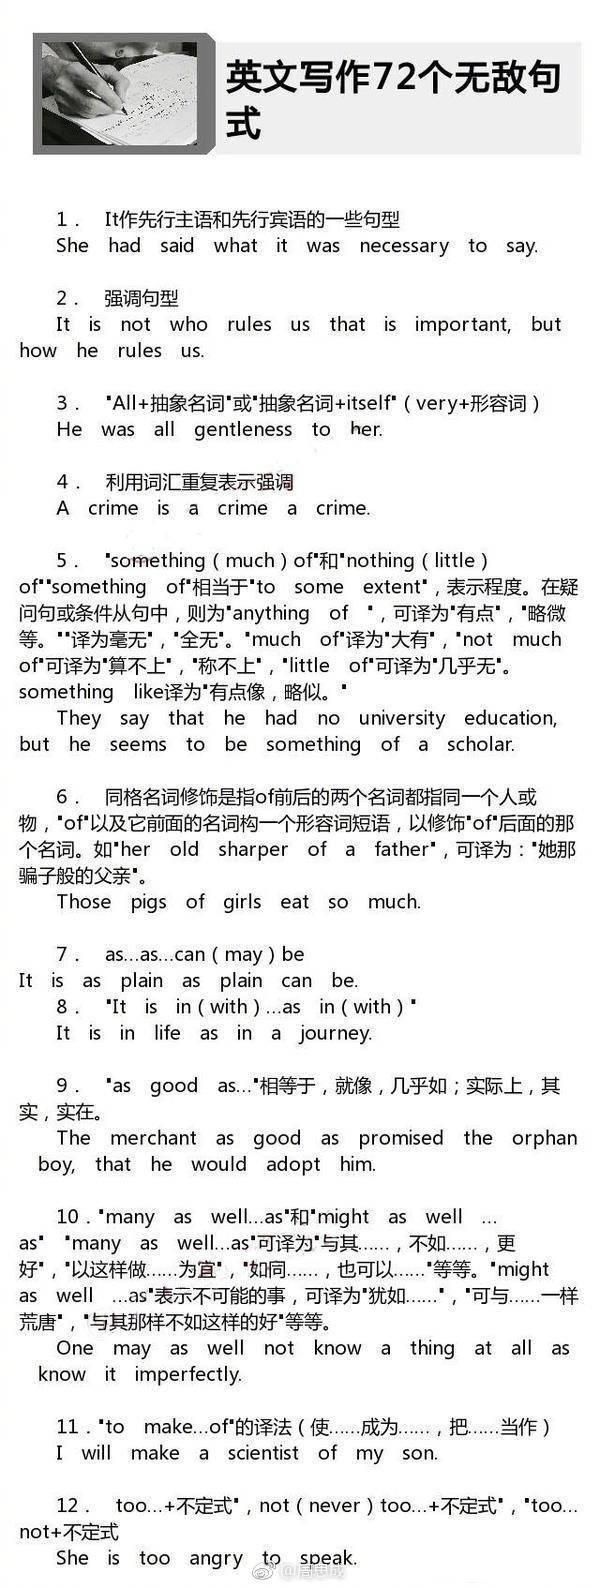 英语写作72个无敌句式,高分素材!